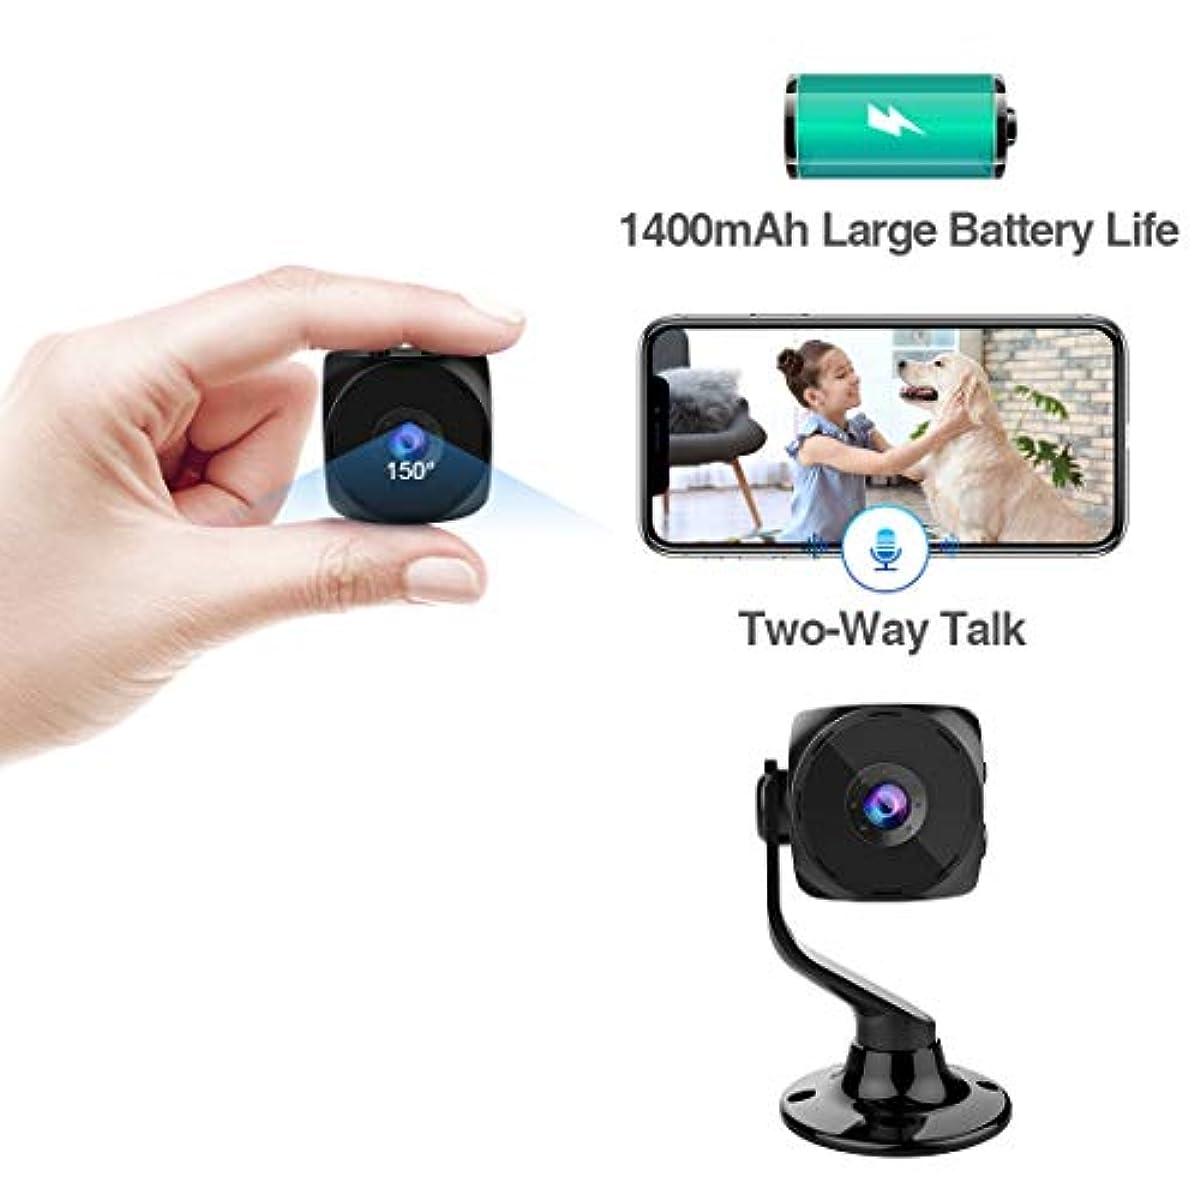 überwachungskamera Mit Bewegungsmelder Und Aufzeichnung Test : kean mini kamera wifi hd akku kleine wlan berwachungskamera mit aufzeichnung z ebay ~ Watch28wear.com Haus und Dekorationen